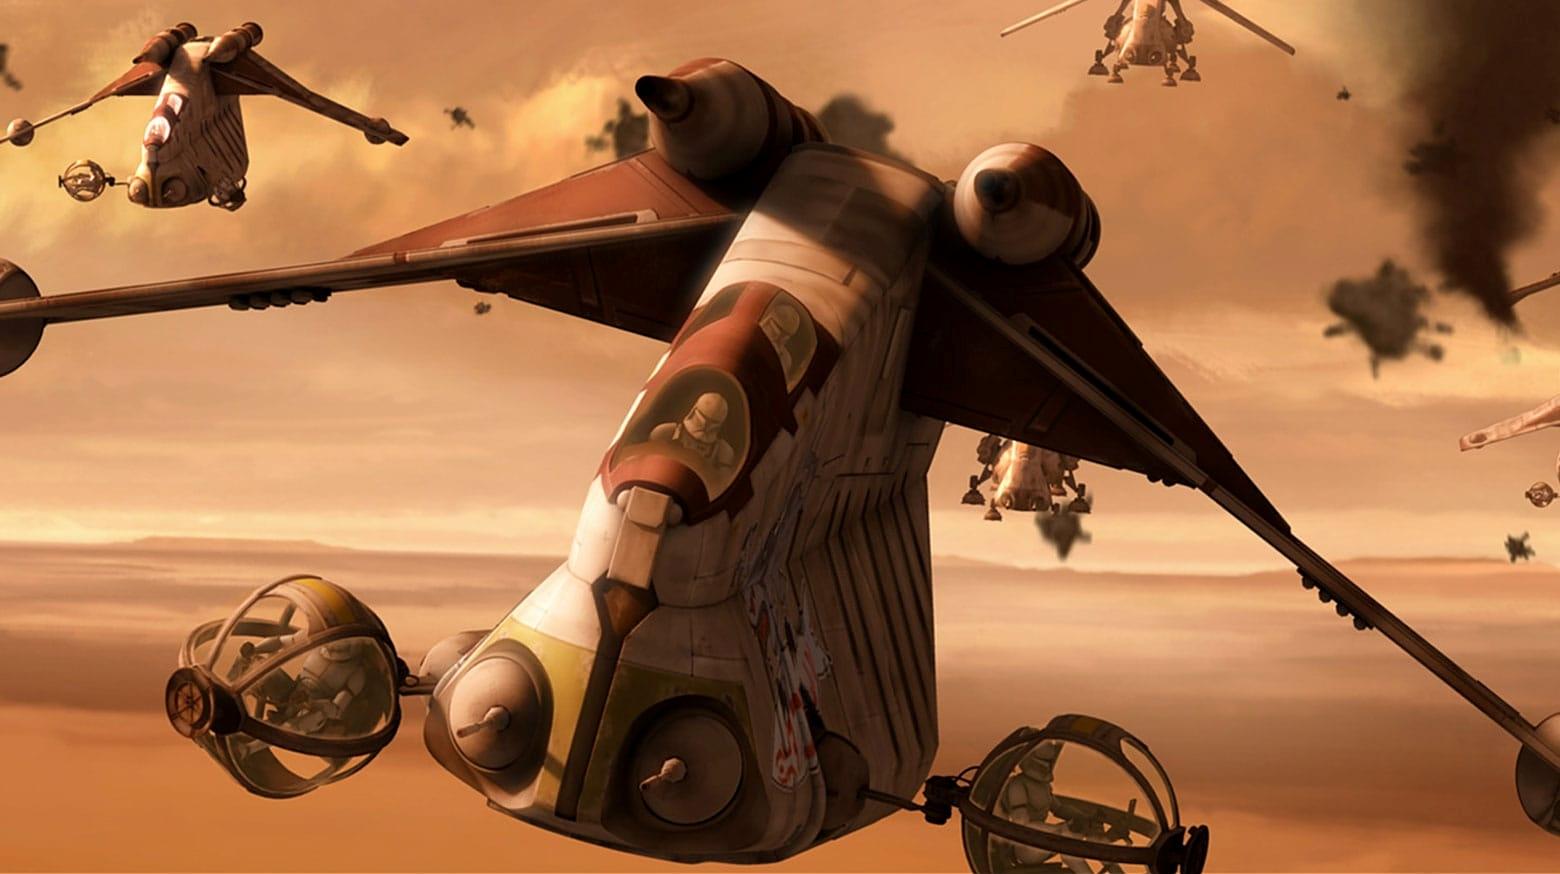 Anakin Skywalker tábornok a szeparatisták ellen(kép)